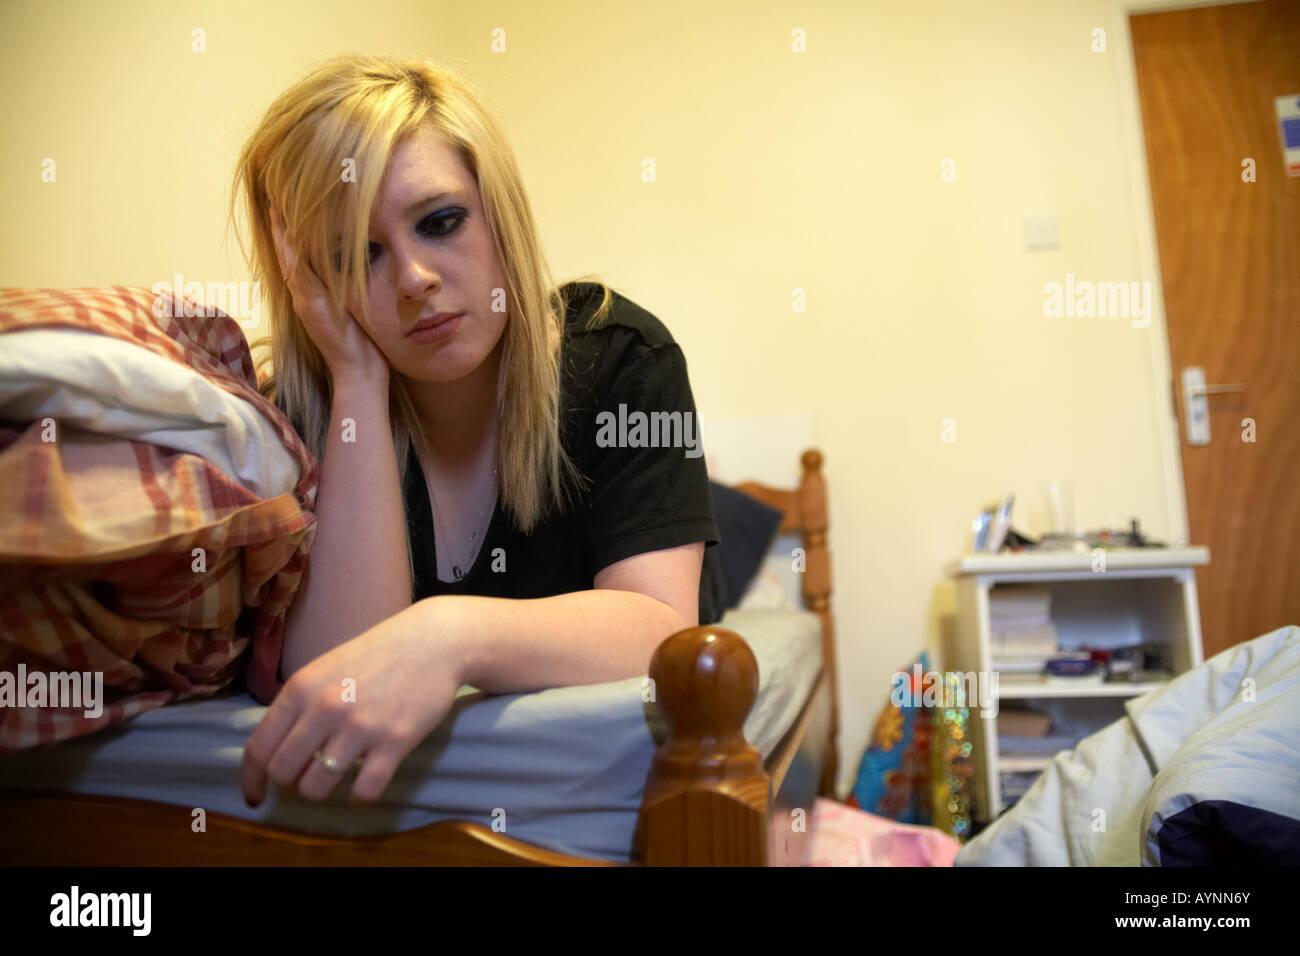 Adolescentes mujer llorando acostada en la cama en el dormitorio bedsit desordenado sosteniendo su cabeza en un Imagen De Stock